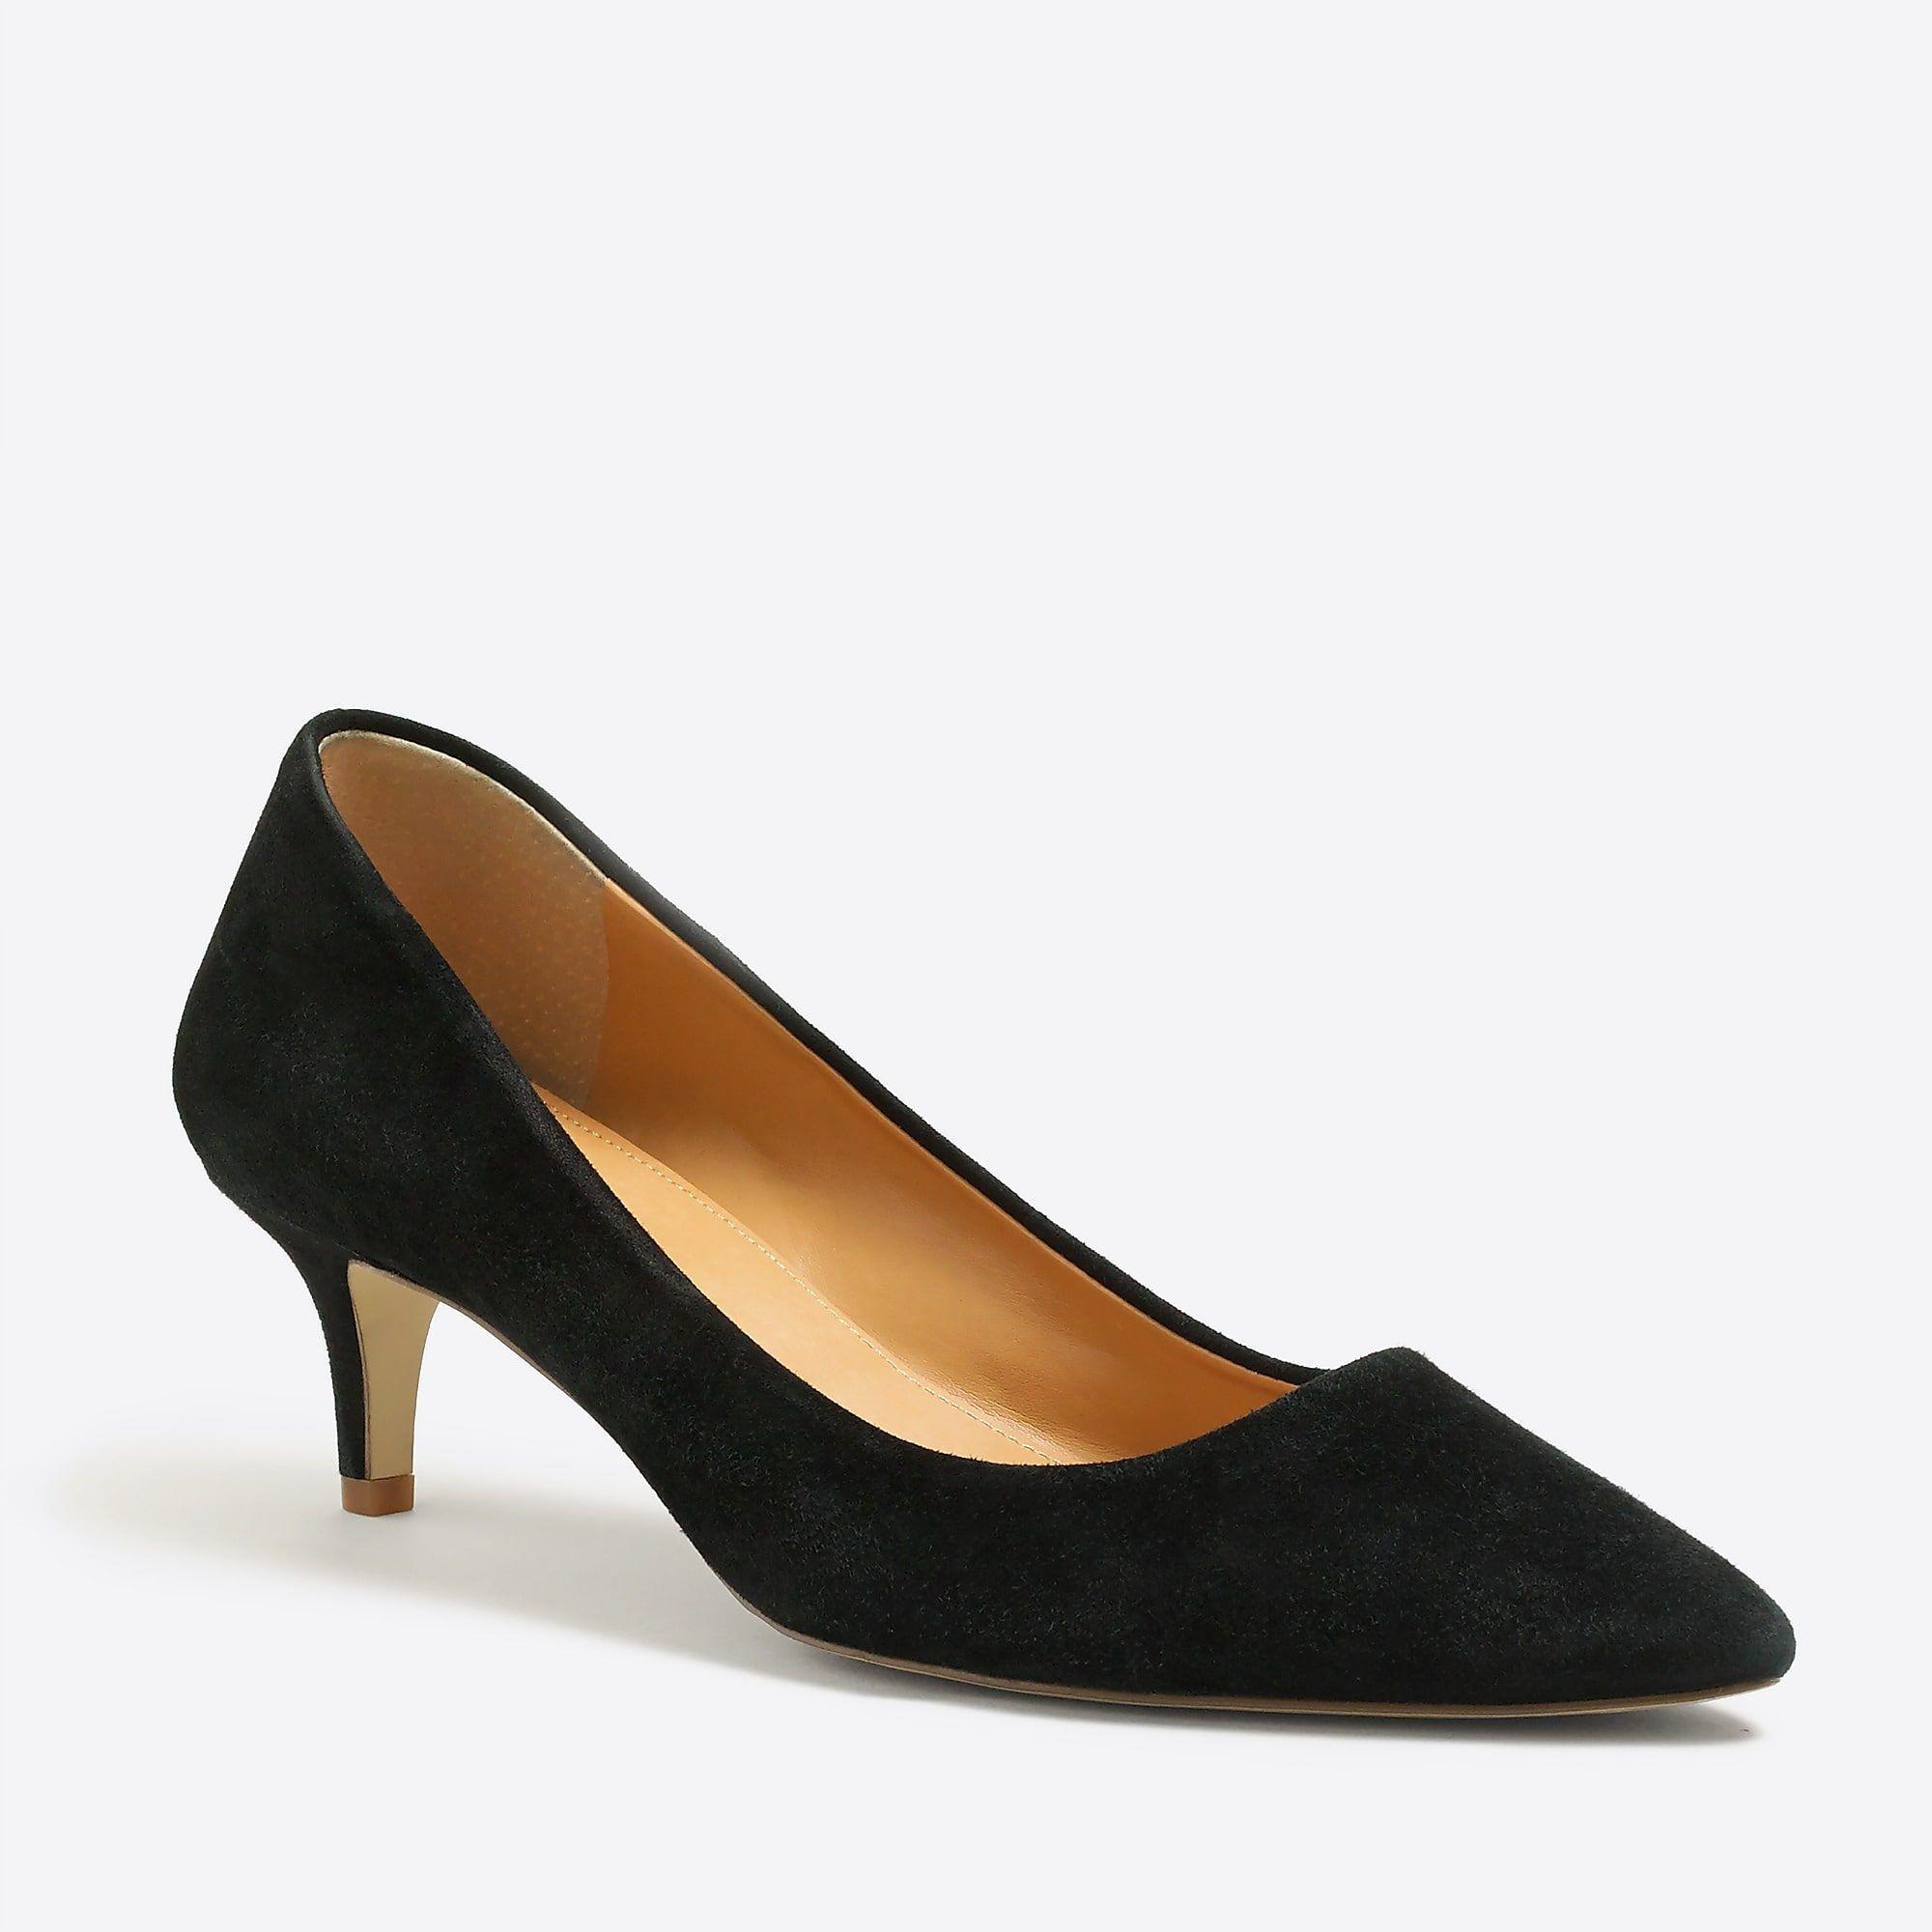 Esme Suede Kitten Heels For Women Black Kitten Heels Kitten Heel Pumps Heels